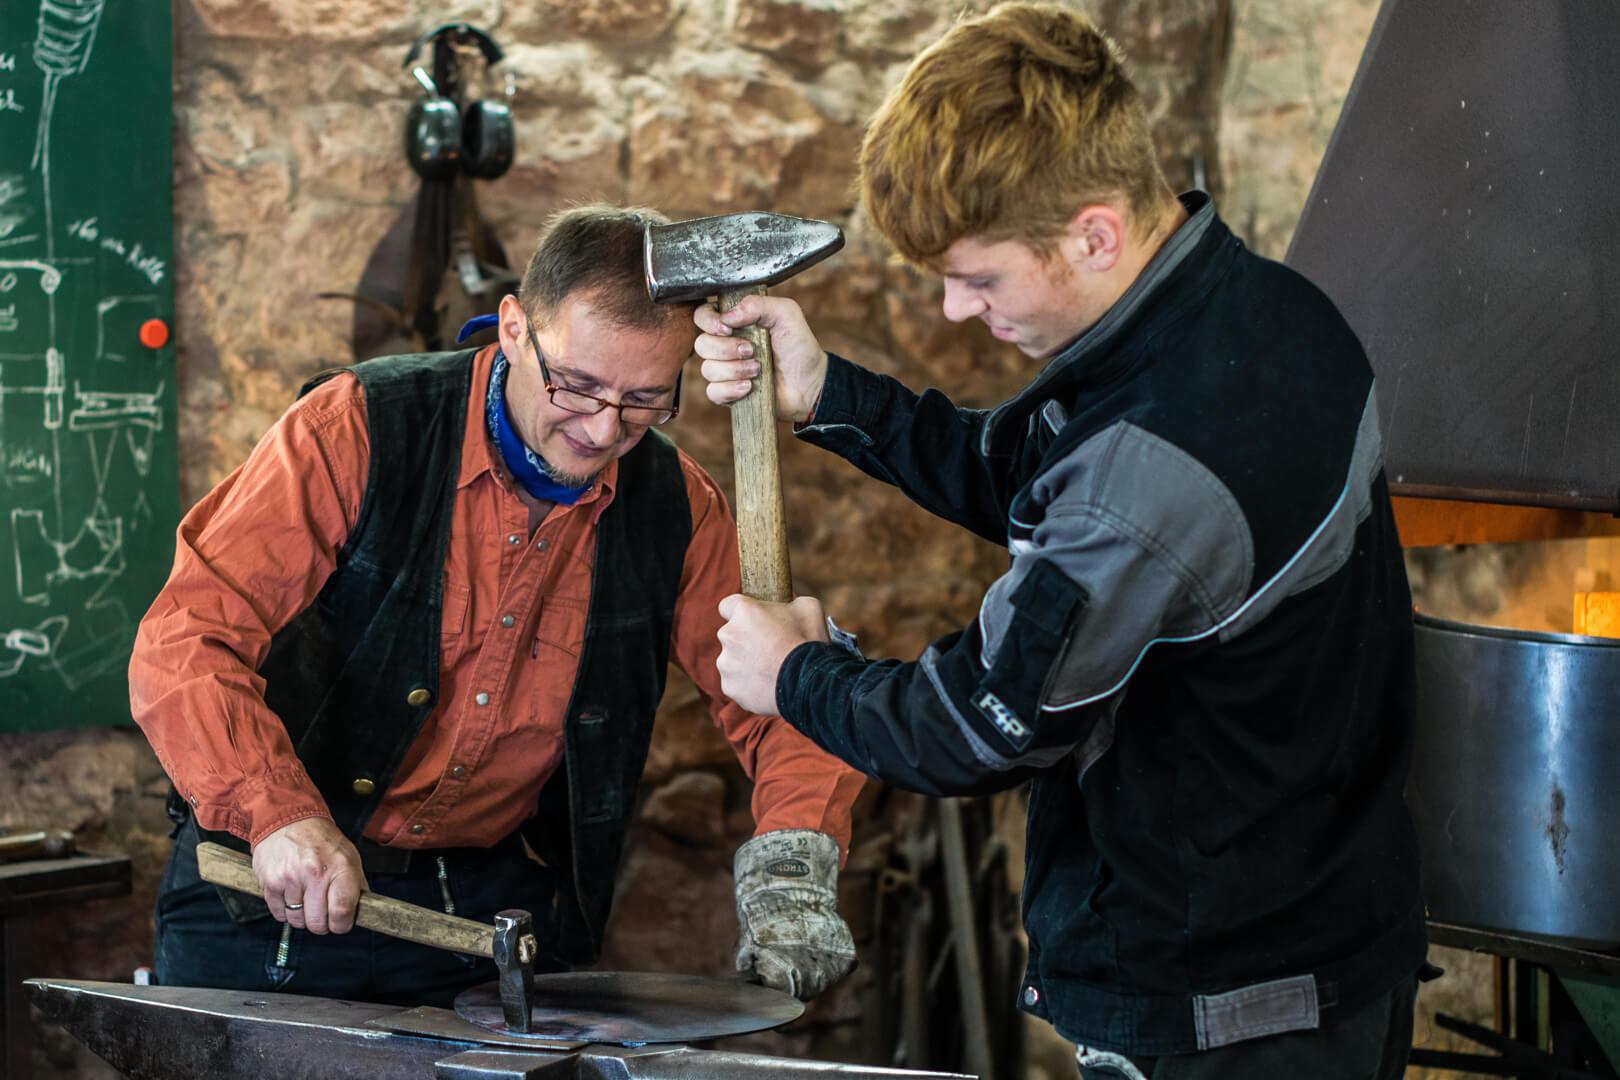 Geselle hämmert und hilft Schmiedemeister beim Bearbeiten des Pfannenrohlings.